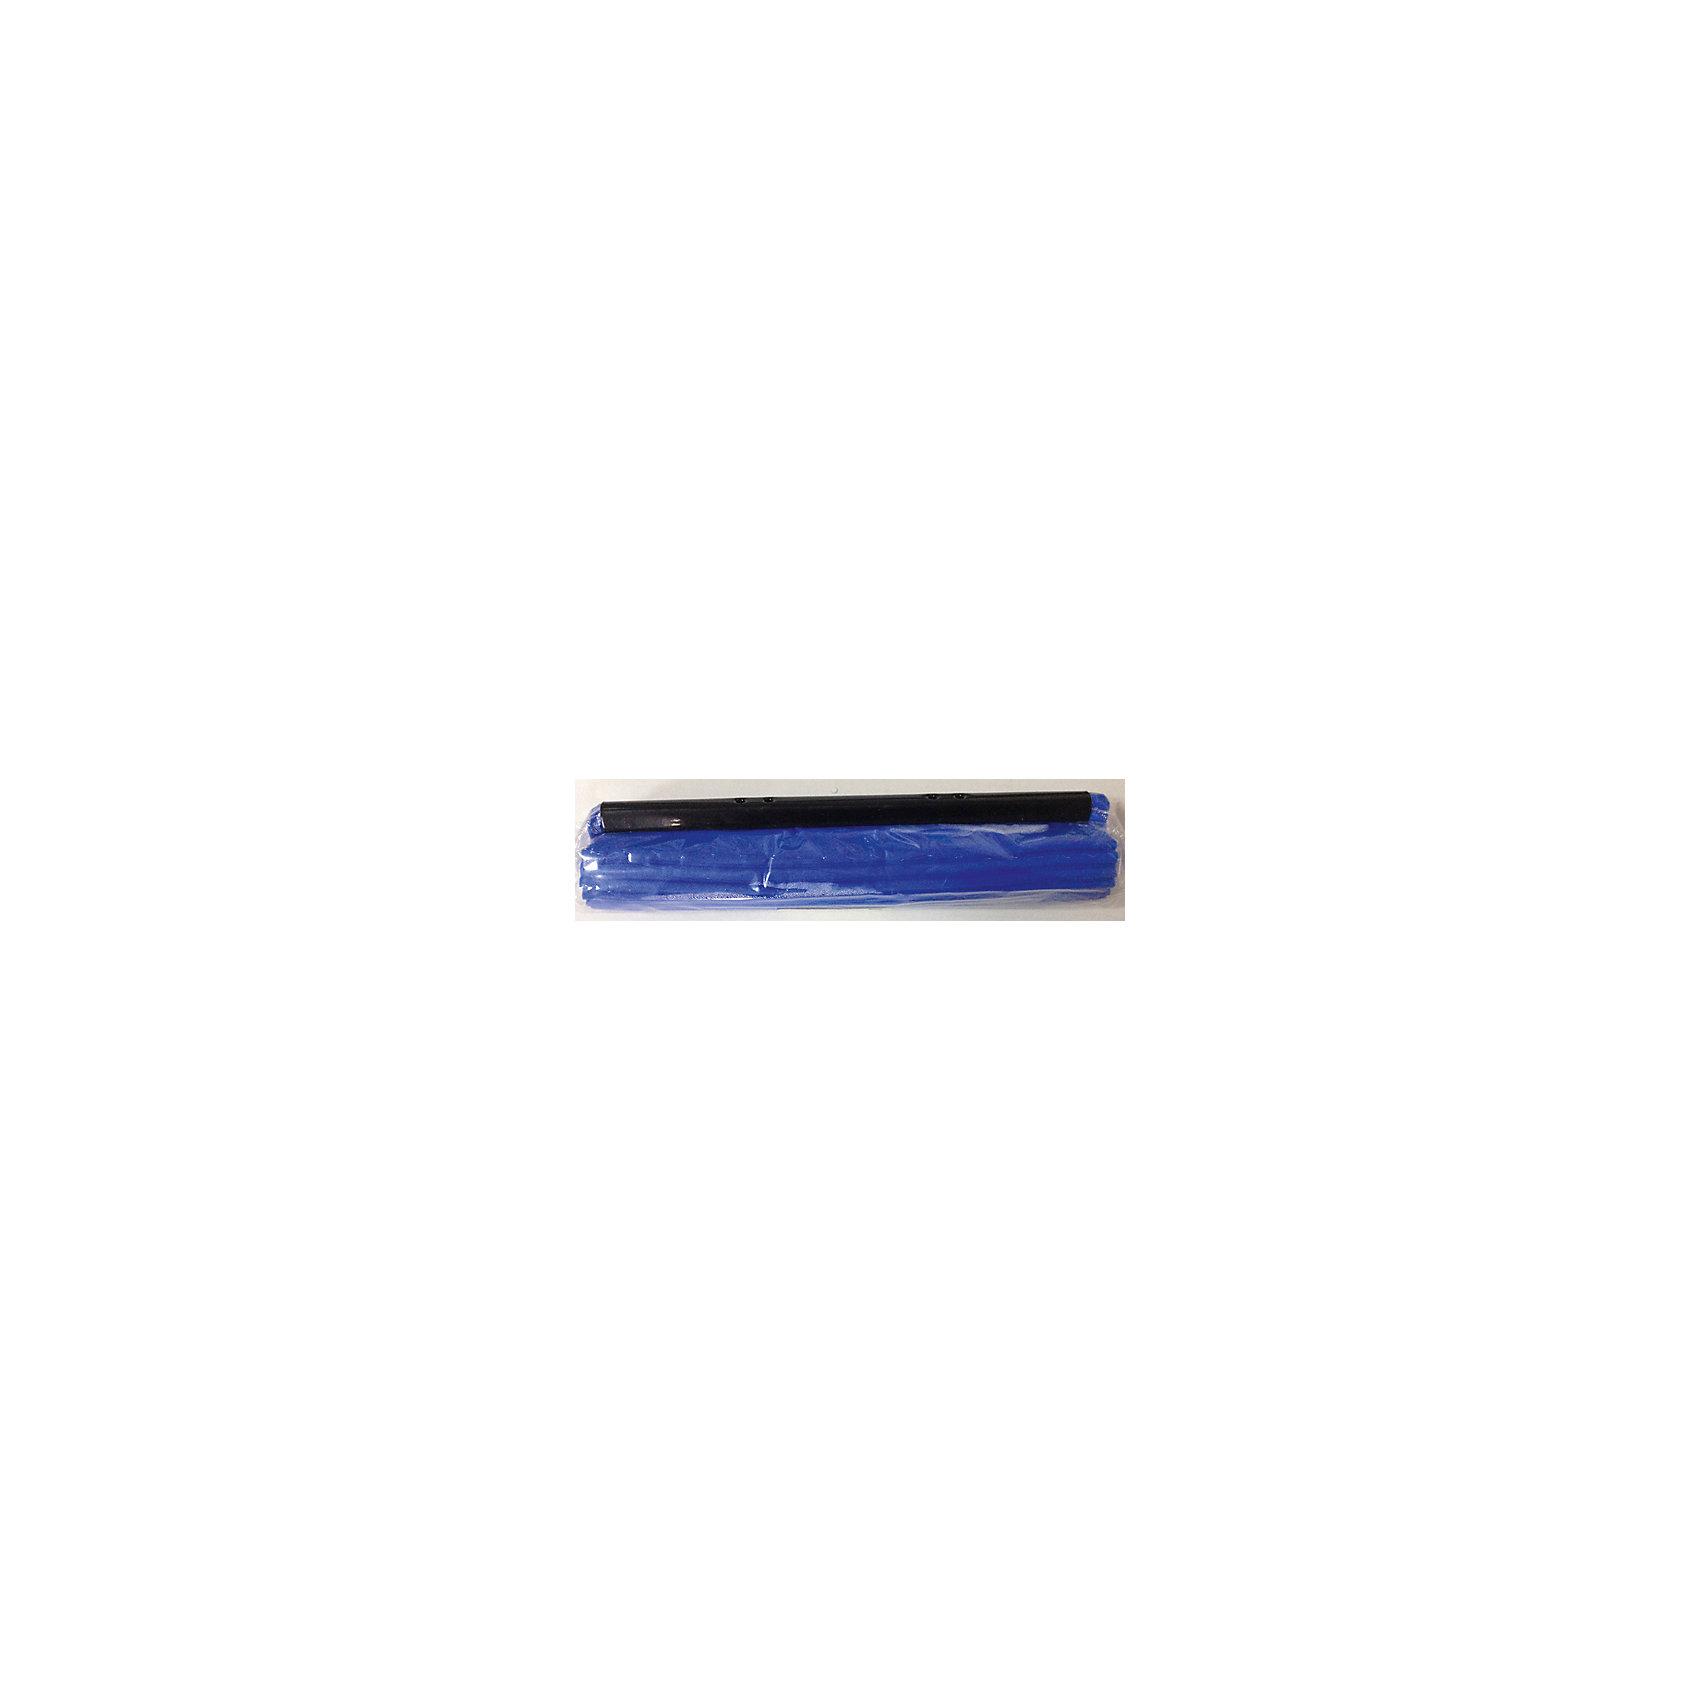 Насадка ПВА для швабры, МФК-профитВанная комната<br>Насадка ПВА для швабры, МФК-профит.<br><br>Характеристики:<br><br>• Размер насадки: 27х5х5 см.<br>• Материал: ПВА<br>• Цвет: синий<br><br>Насадка для швабры изготовлена из ПВА. Применяется насадка для мытья пола, окон, стен, машин и т.д. Насадка хорошо впитывает воду, легко устраняет загрязнения.<br><br>Насадку ПВА для швабры, МФК-профит можно купить в нашем интернет-магазине.<br><br>Ширина мм: 270<br>Глубина мм: 60<br>Высота мм: 60<br>Вес г: 250<br>Возраст от месяцев: 36<br>Возраст до месяцев: 1188<br>Пол: Унисекс<br>Возраст: Детский<br>SKU: 5601148